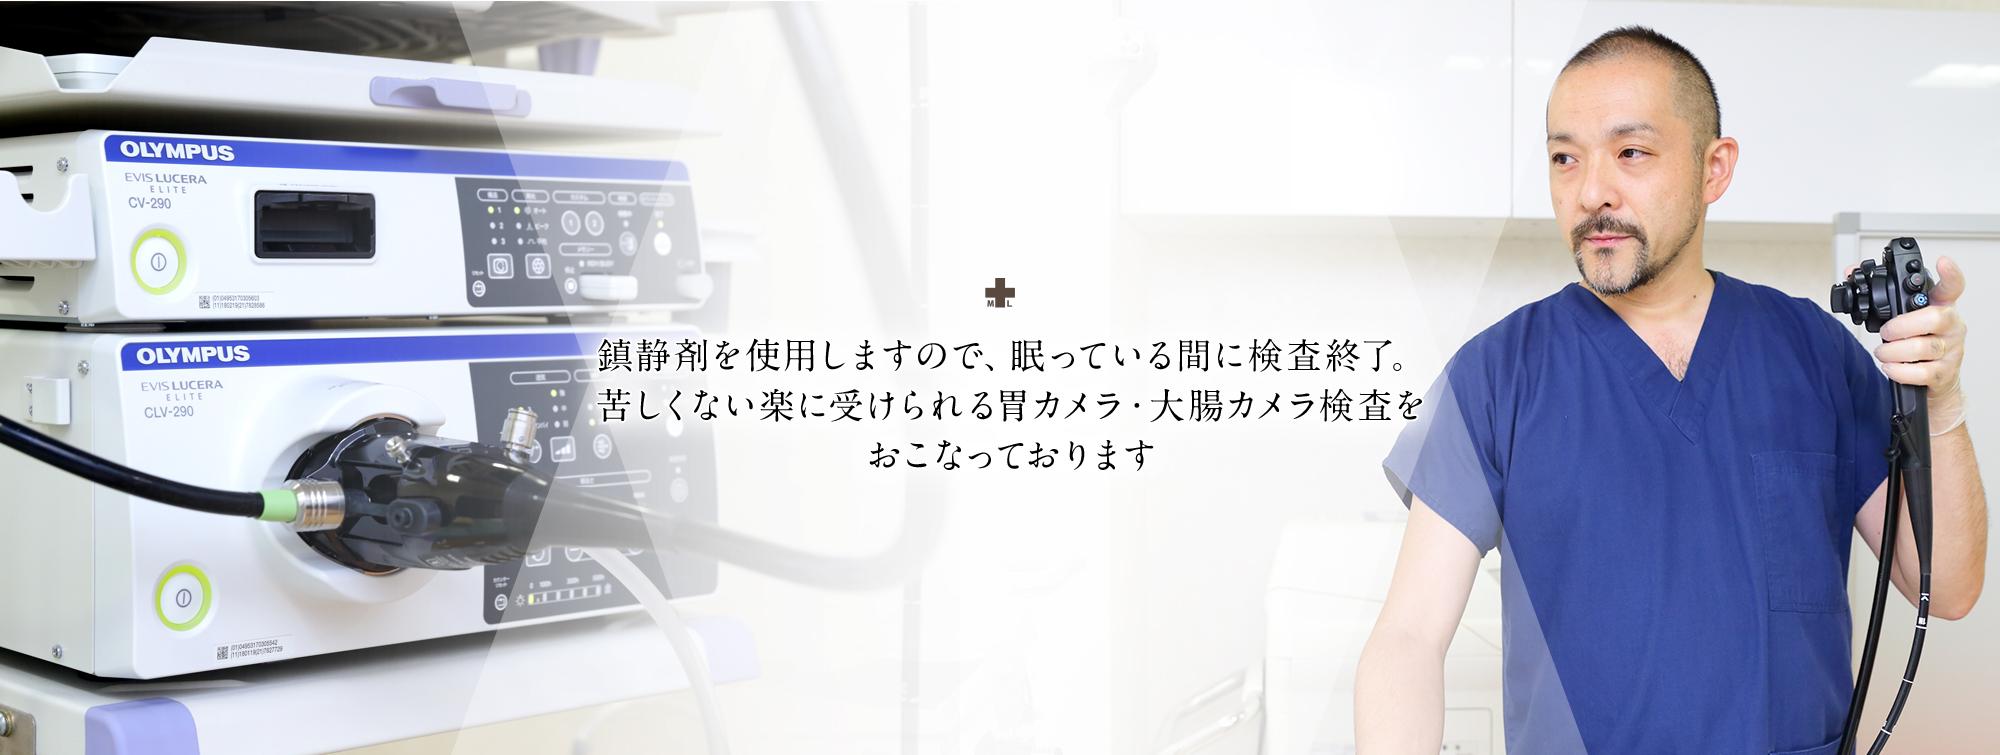 鎮静剤を使用しますので、眠っている間に検査終了。苦しくない楽に受けられる胃カメラ・大腸カメラ検査をおこなっております